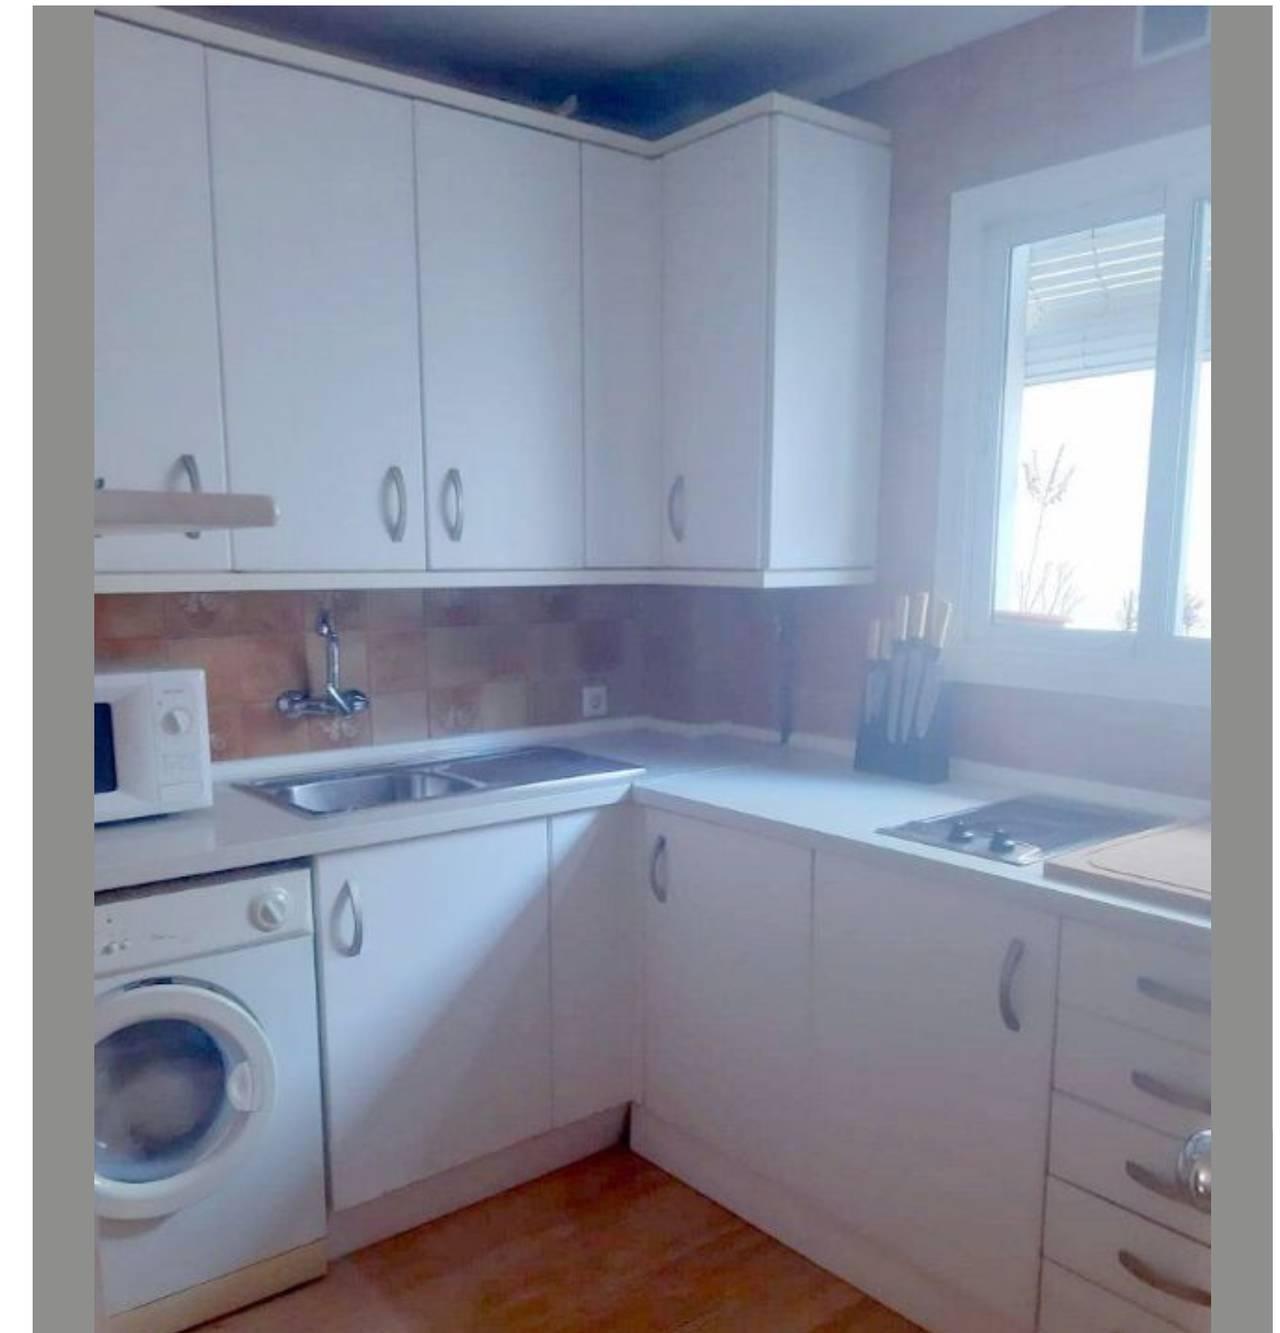 alquiler de piso Judería Sevilla  - Foto 6